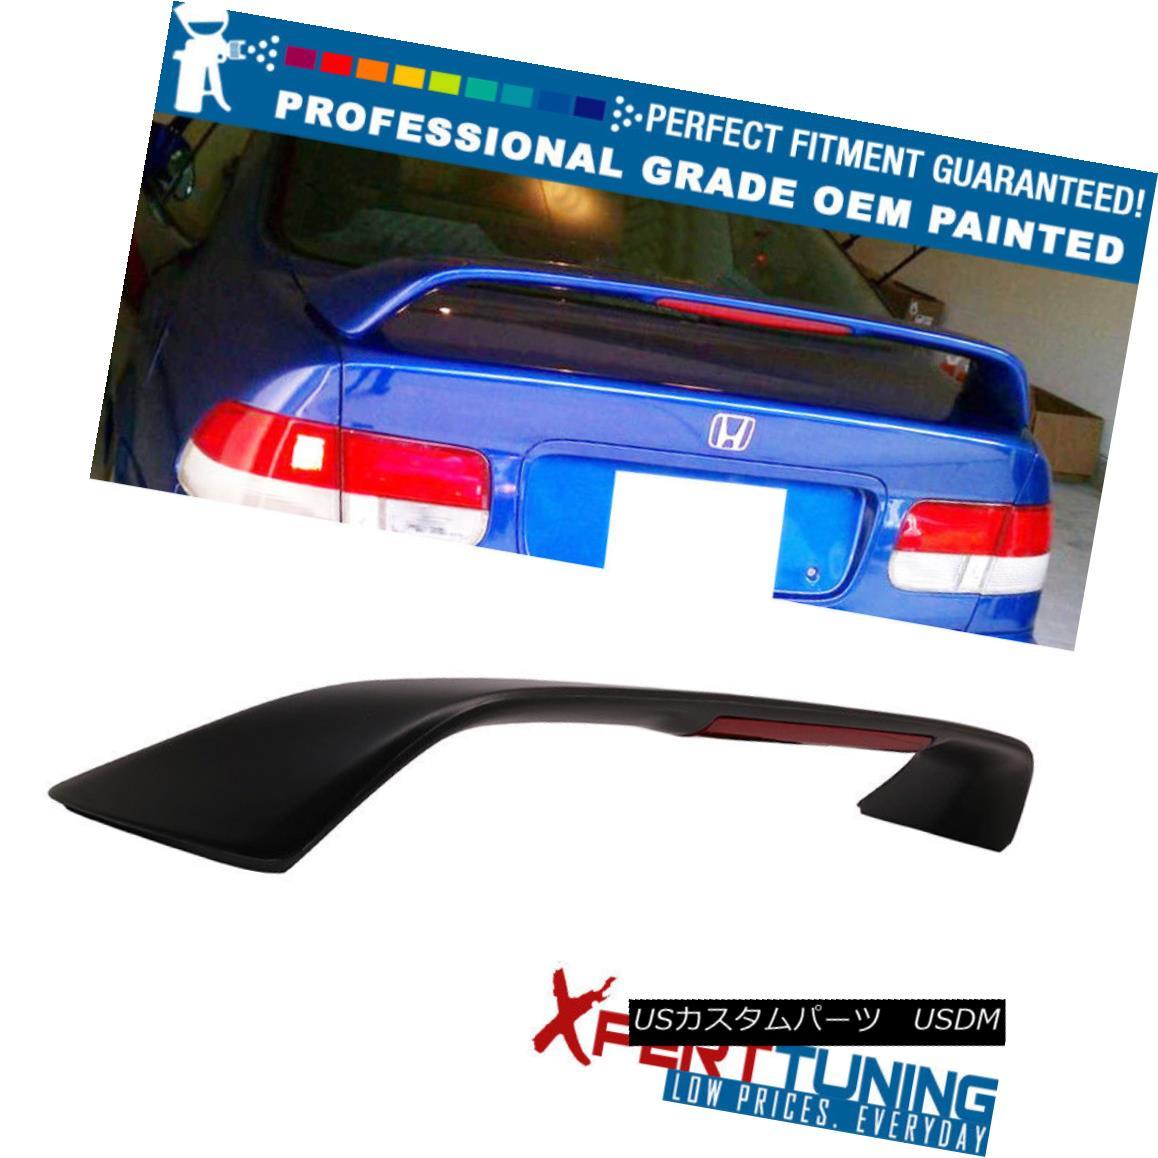 エアロパーツ Fits 96-00 Honda Civic 2DR Coupe 3rd Brake LED Trunk Spoiler - OEM Painted Color 適合96-00ホンダシビック2DRクーペ第3ブレーキLEDトランク・スポイラー - OEM塗装色